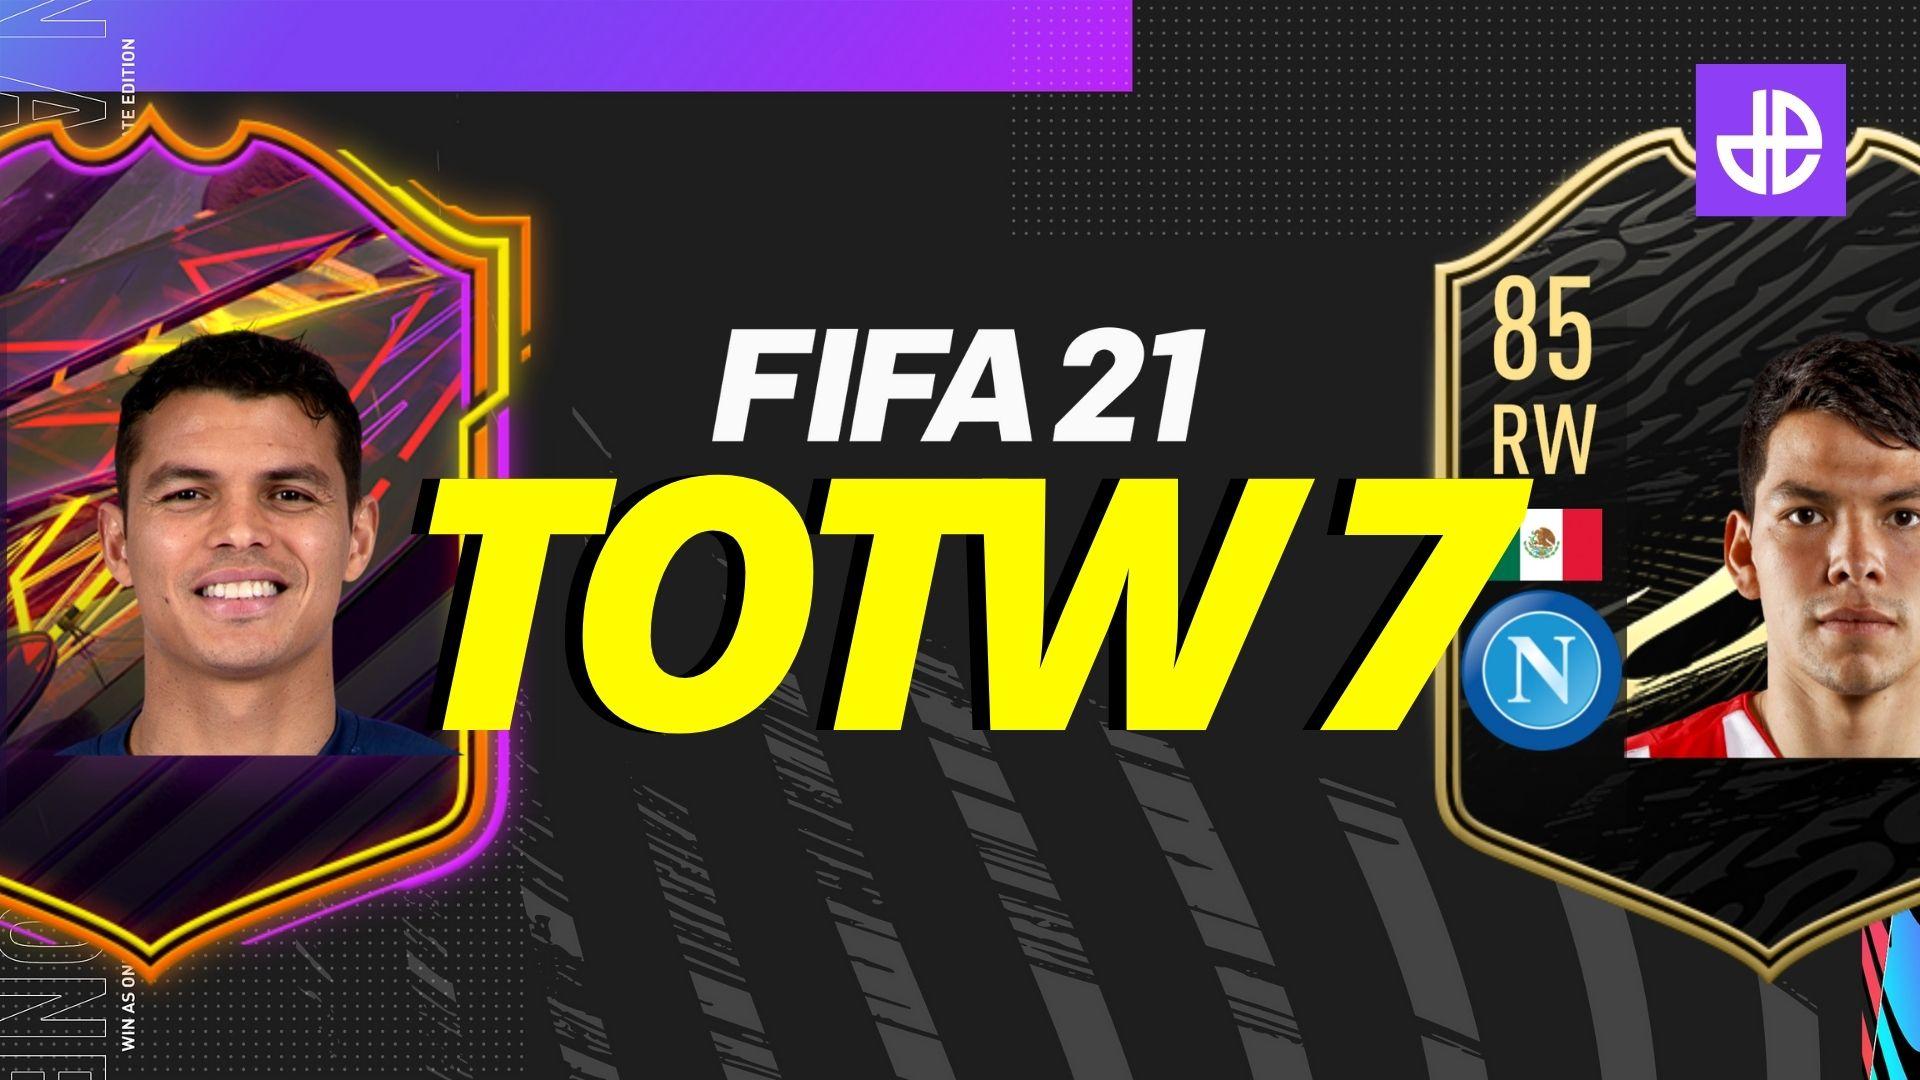 FIFA 21 totw 7 leak